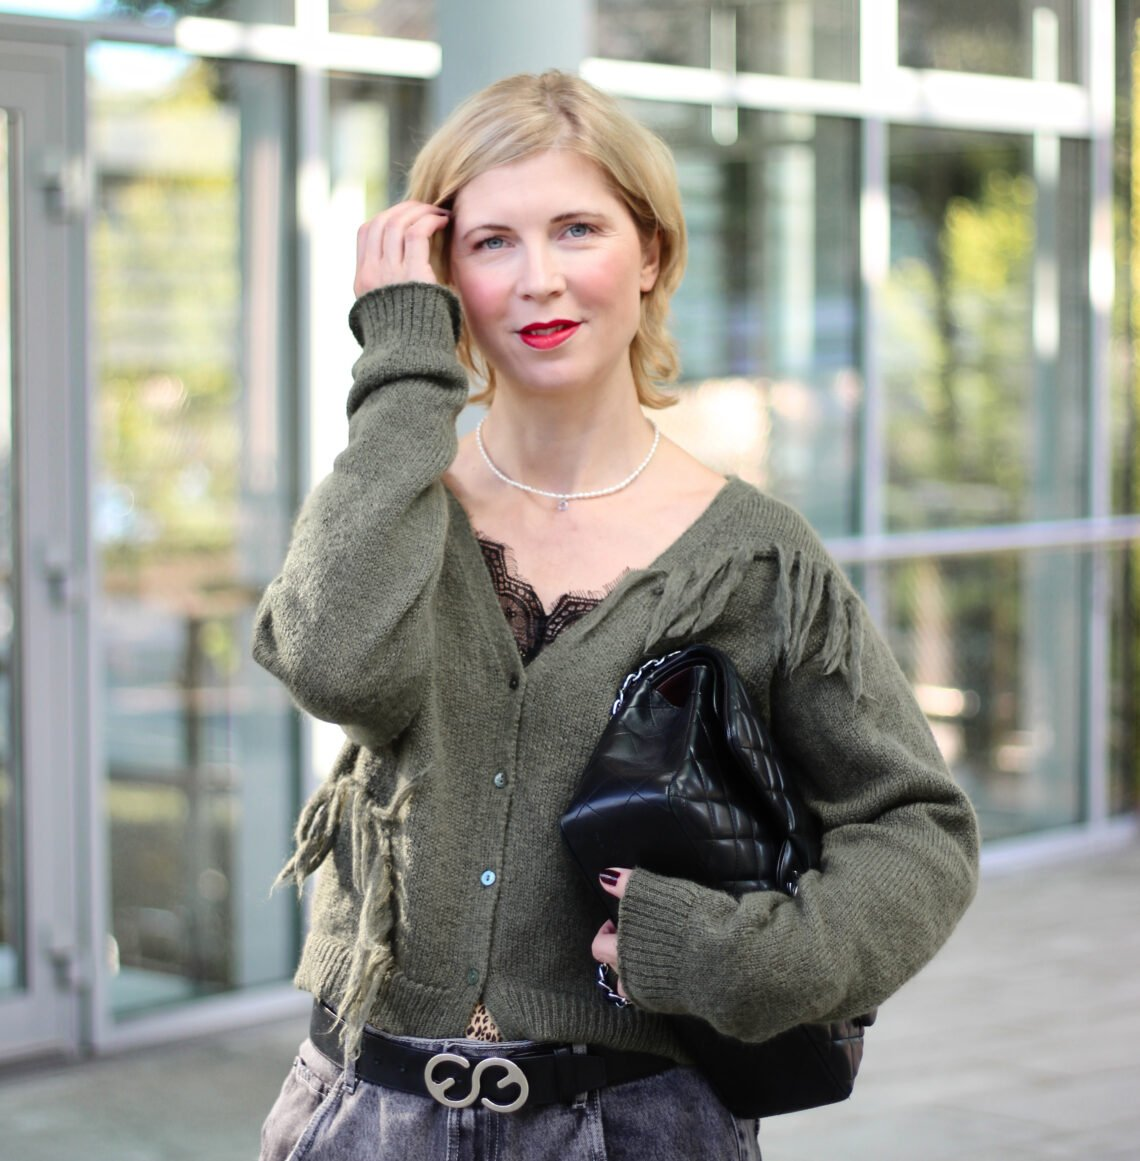 conny doll lifestyle: Bewegtbild Abos - Grün und Grau - perfekt für Herbstlooks